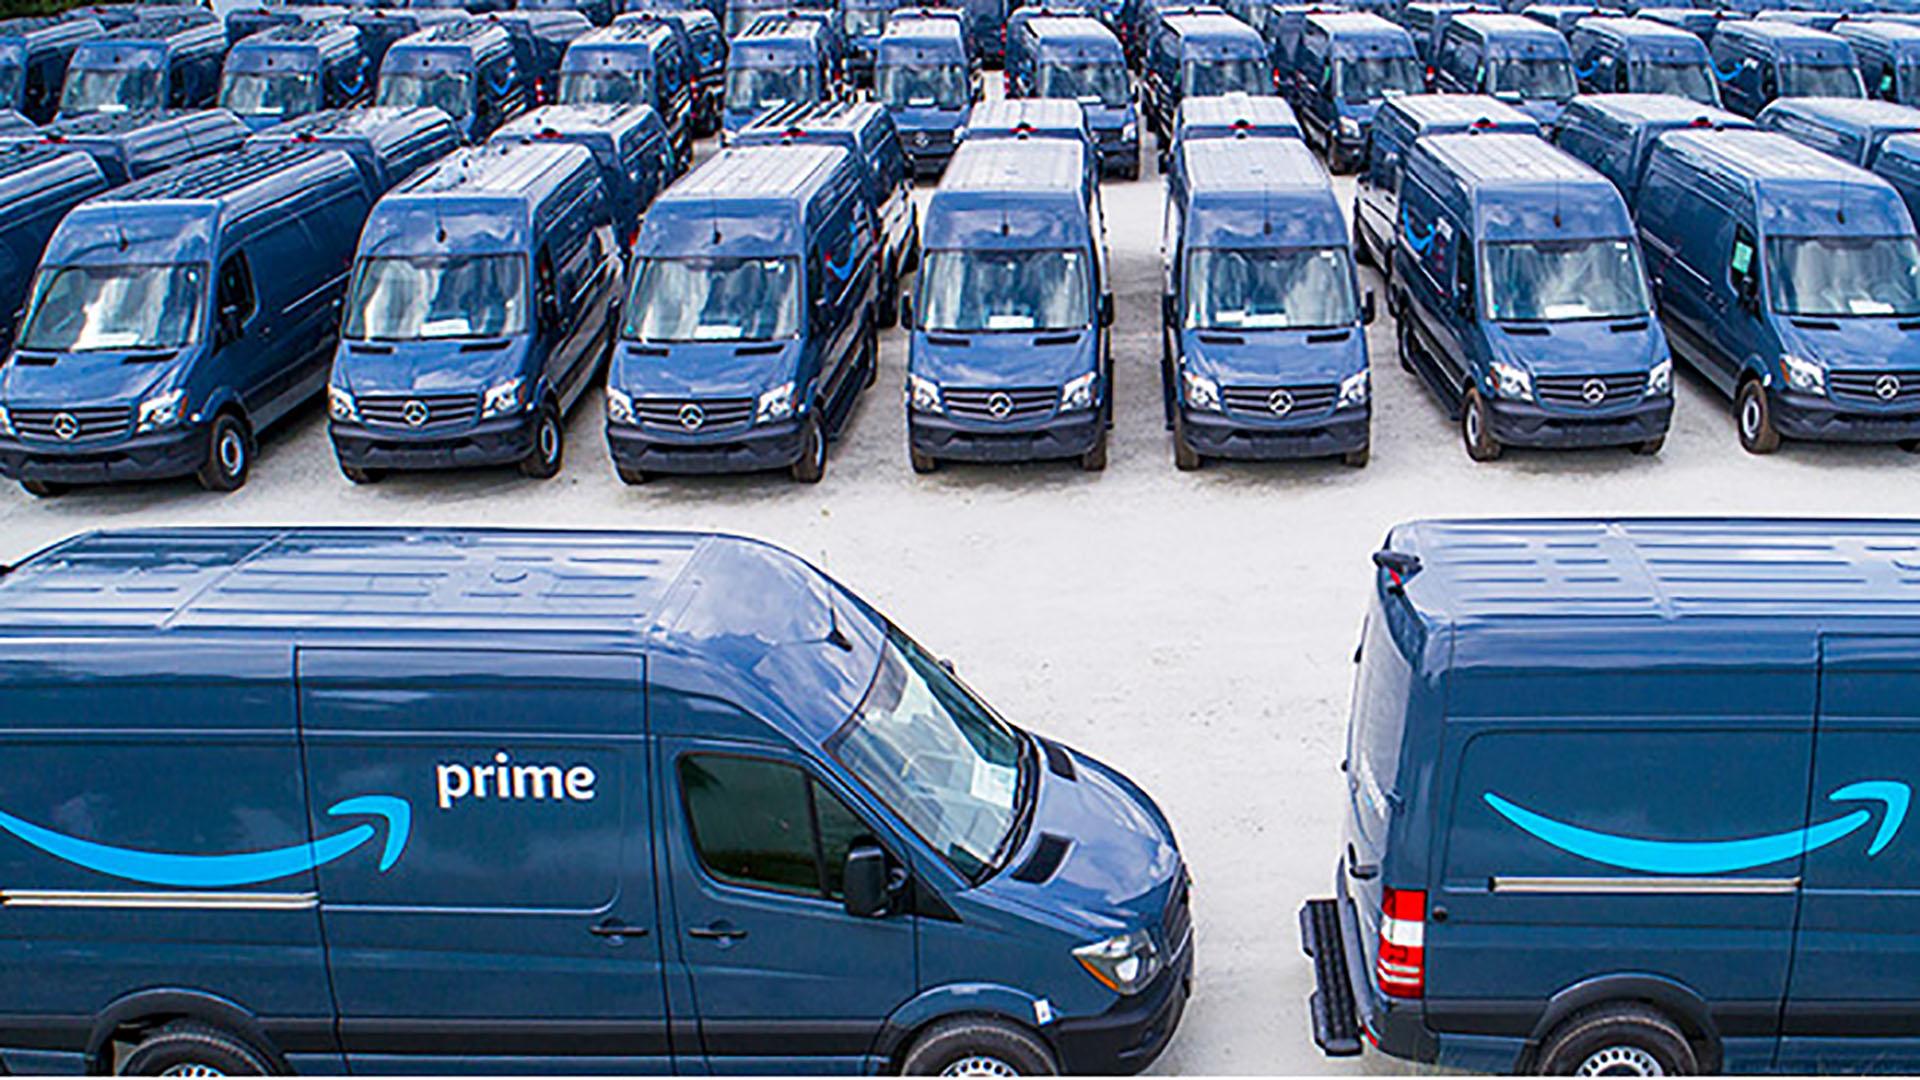 Amazon Mercedes vans